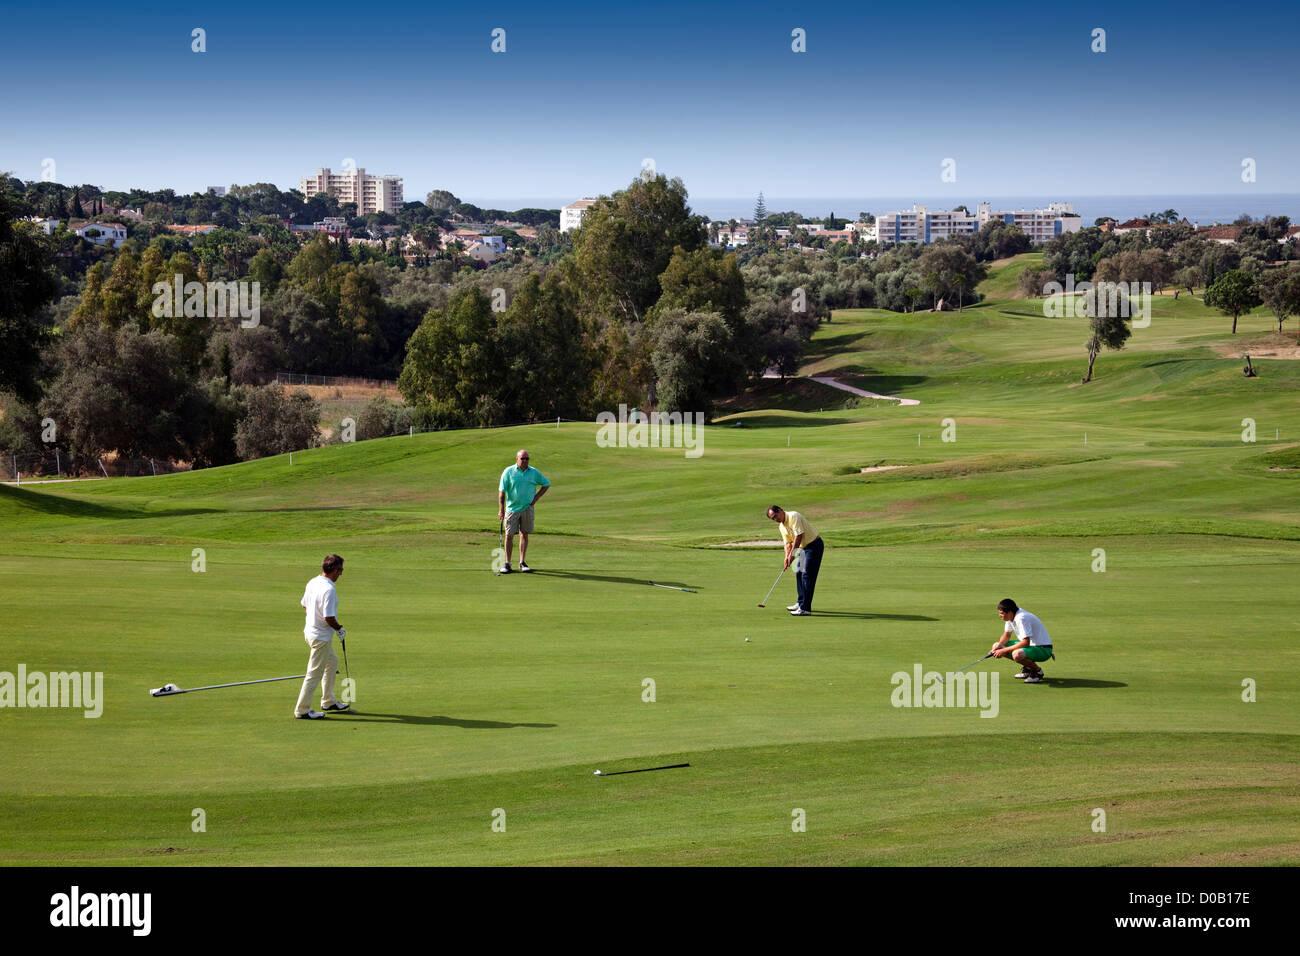 Marbella Golf Club Malaga Costa del Sol Andalusia Spagna Immagini Stock